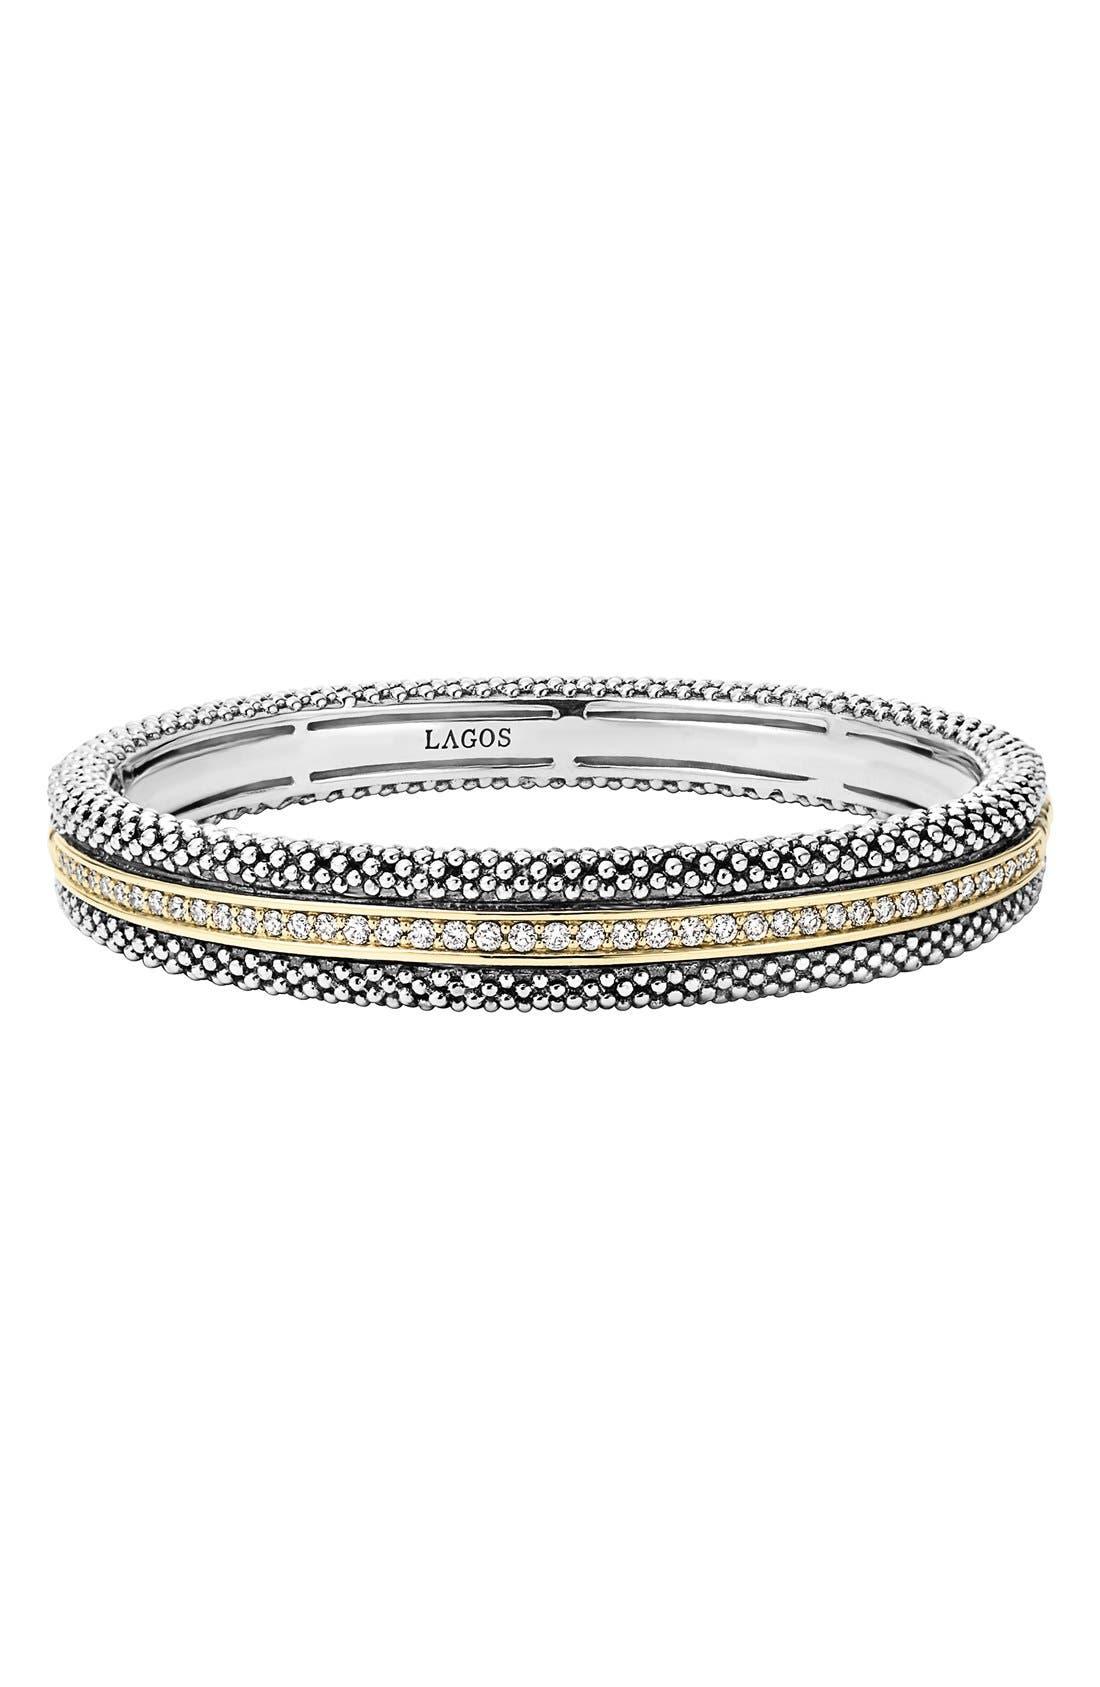 LAGOS Diamond Caviar Bangle Bracelet